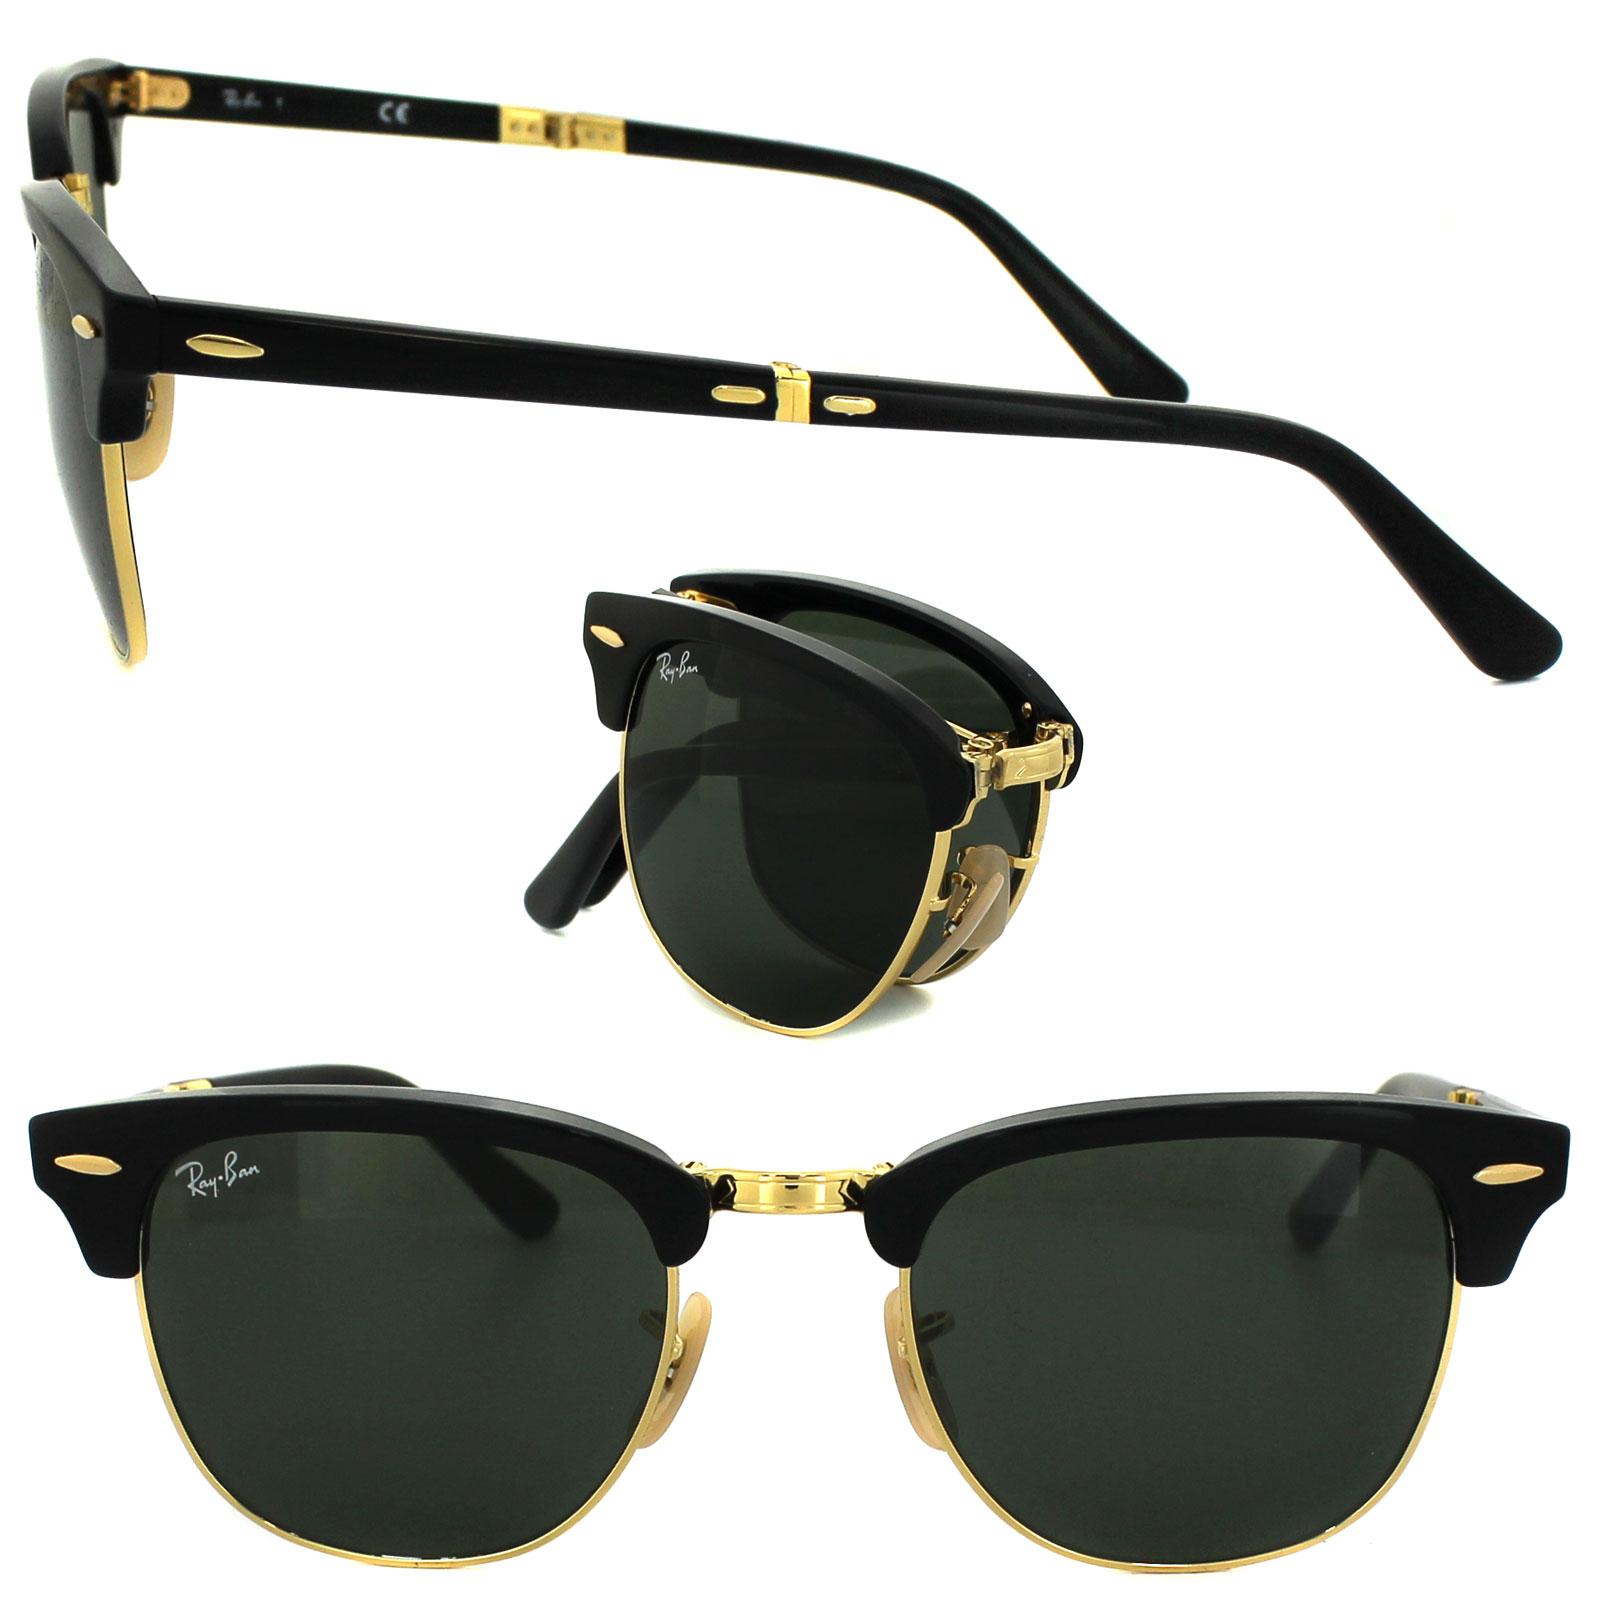 Optical Discount, votre opticien en ligne: lunettes de soleil, lentilles de contact et produits d'entretien pas cher. Retrouvez sur coolnupog.tk les plus grandes marques de lunettes de soleil pas cher (Ray Ban, Persol, Oakley, Carrera), ainsi qu'un vaste choix .